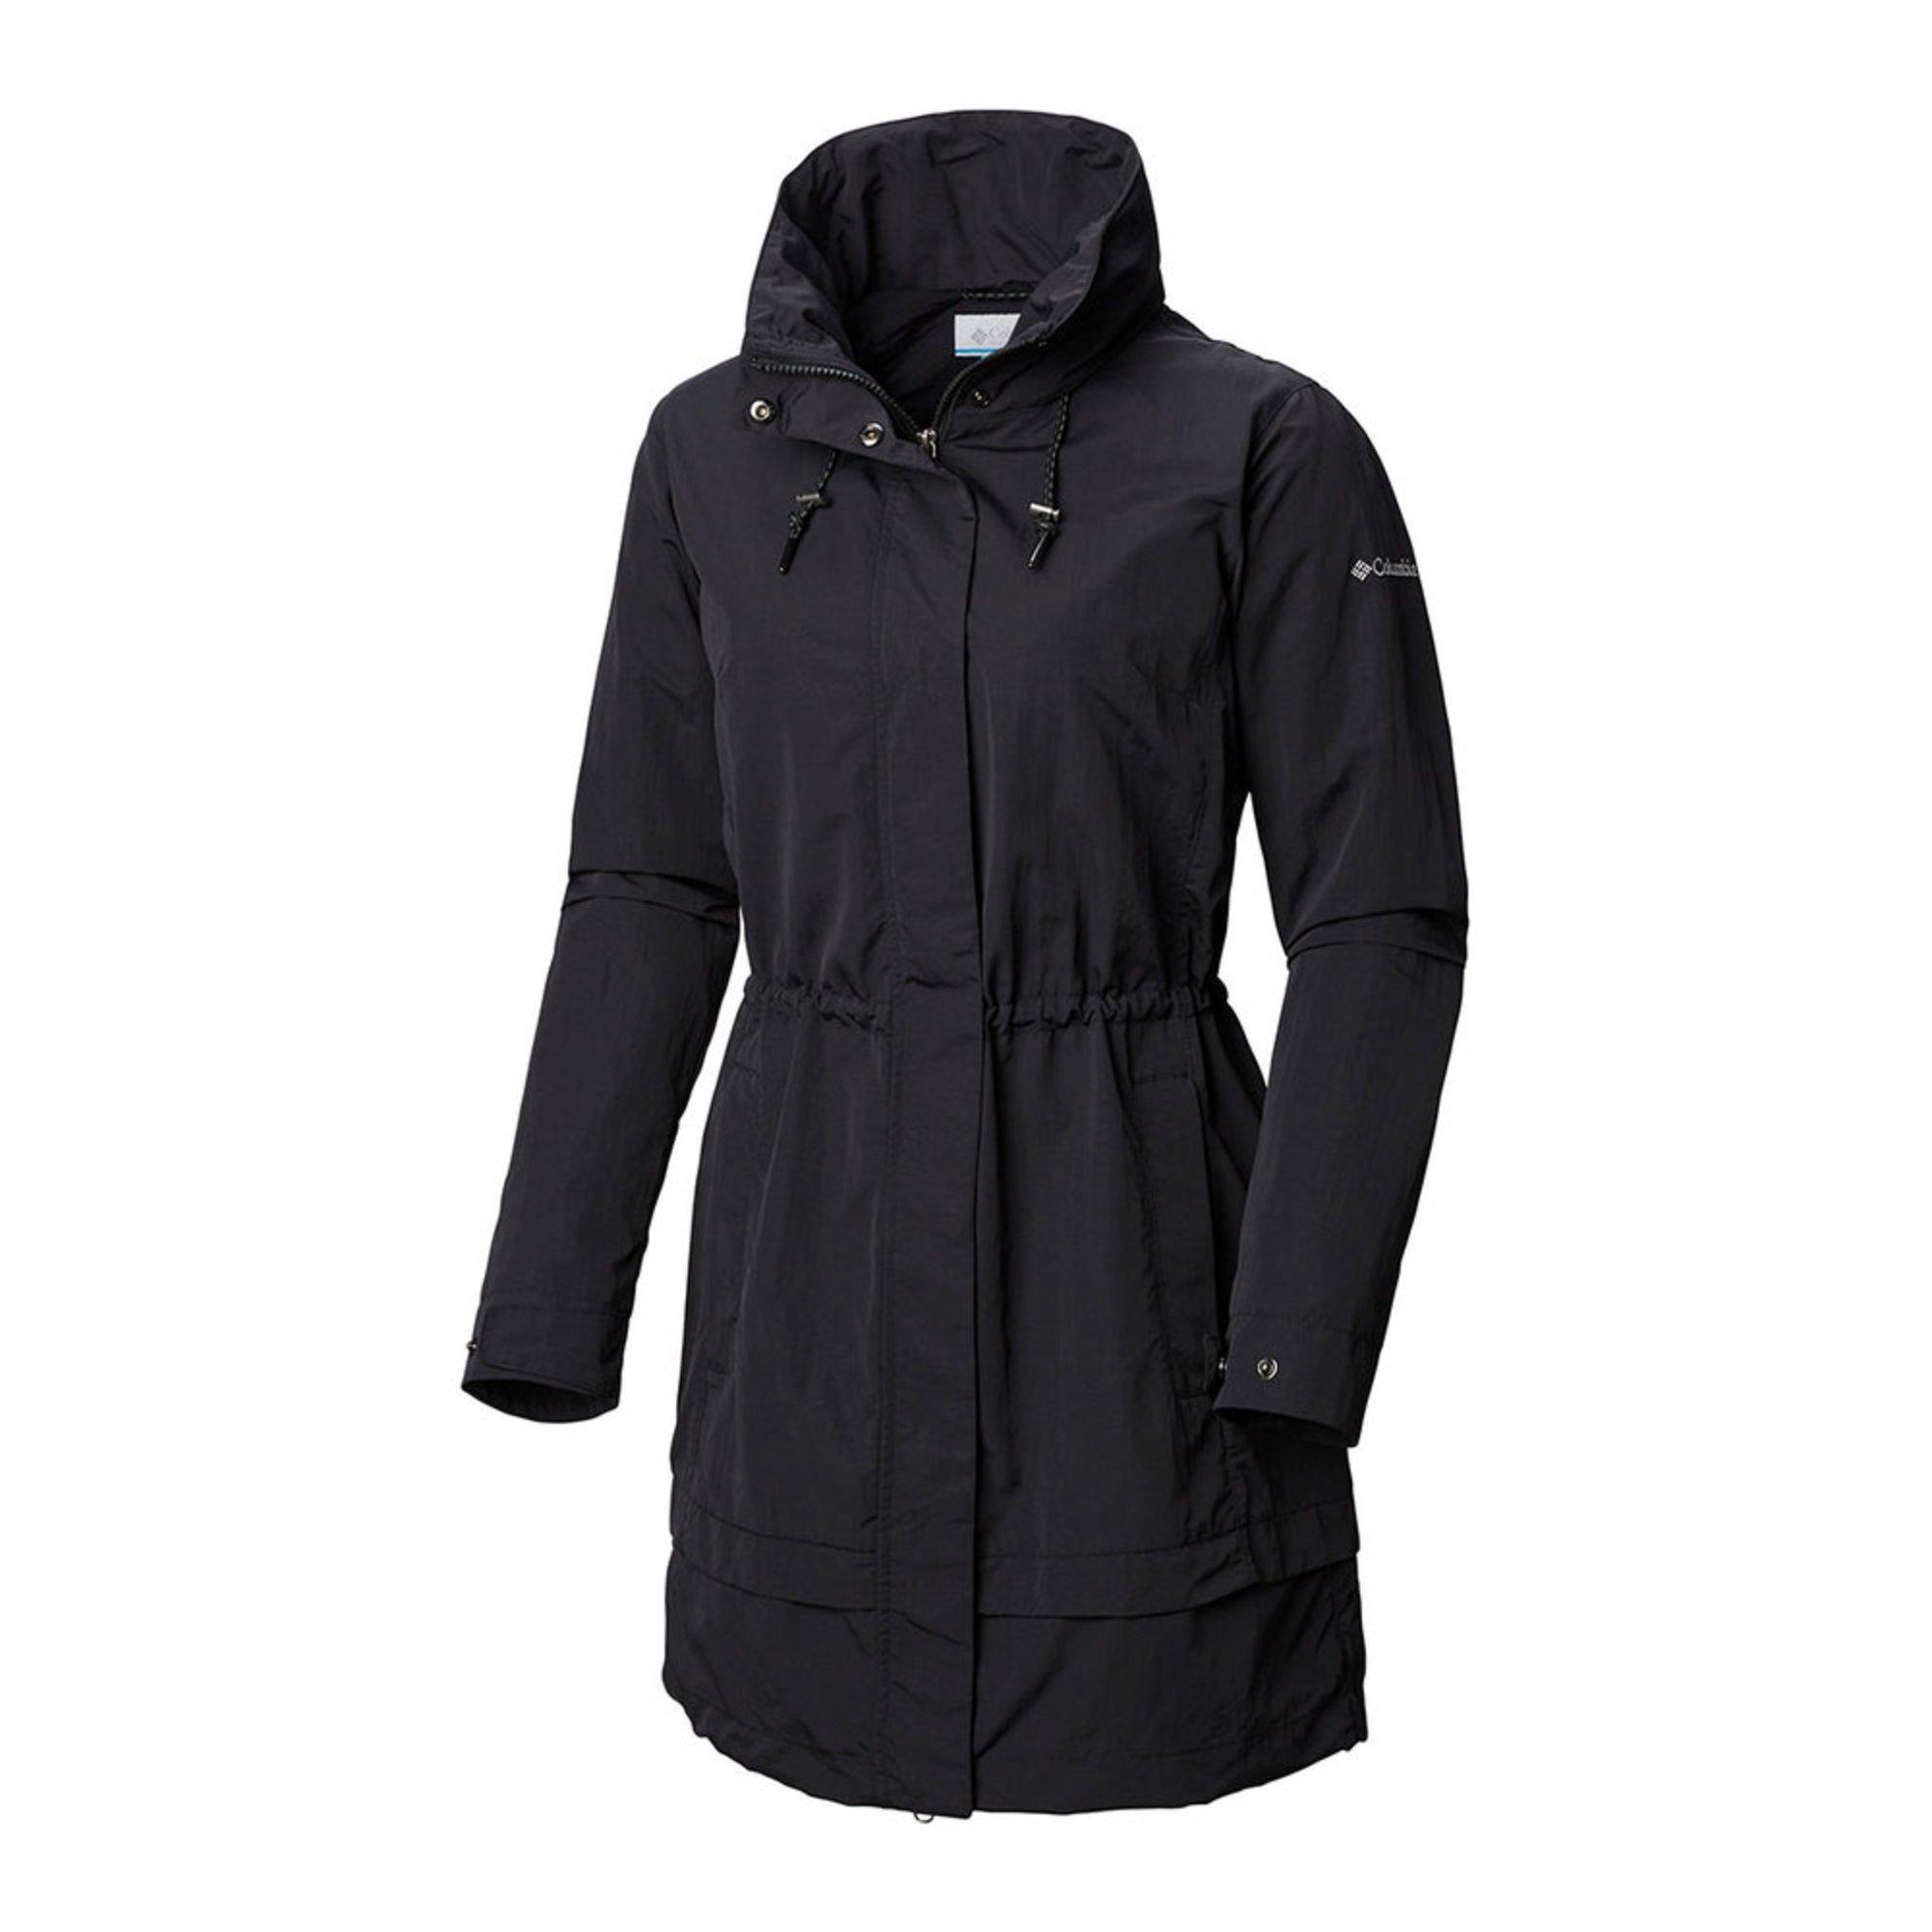 e64445c4 Columbia Women's Hidden Skies Jacket | Outdoor Jackets & Coats ...